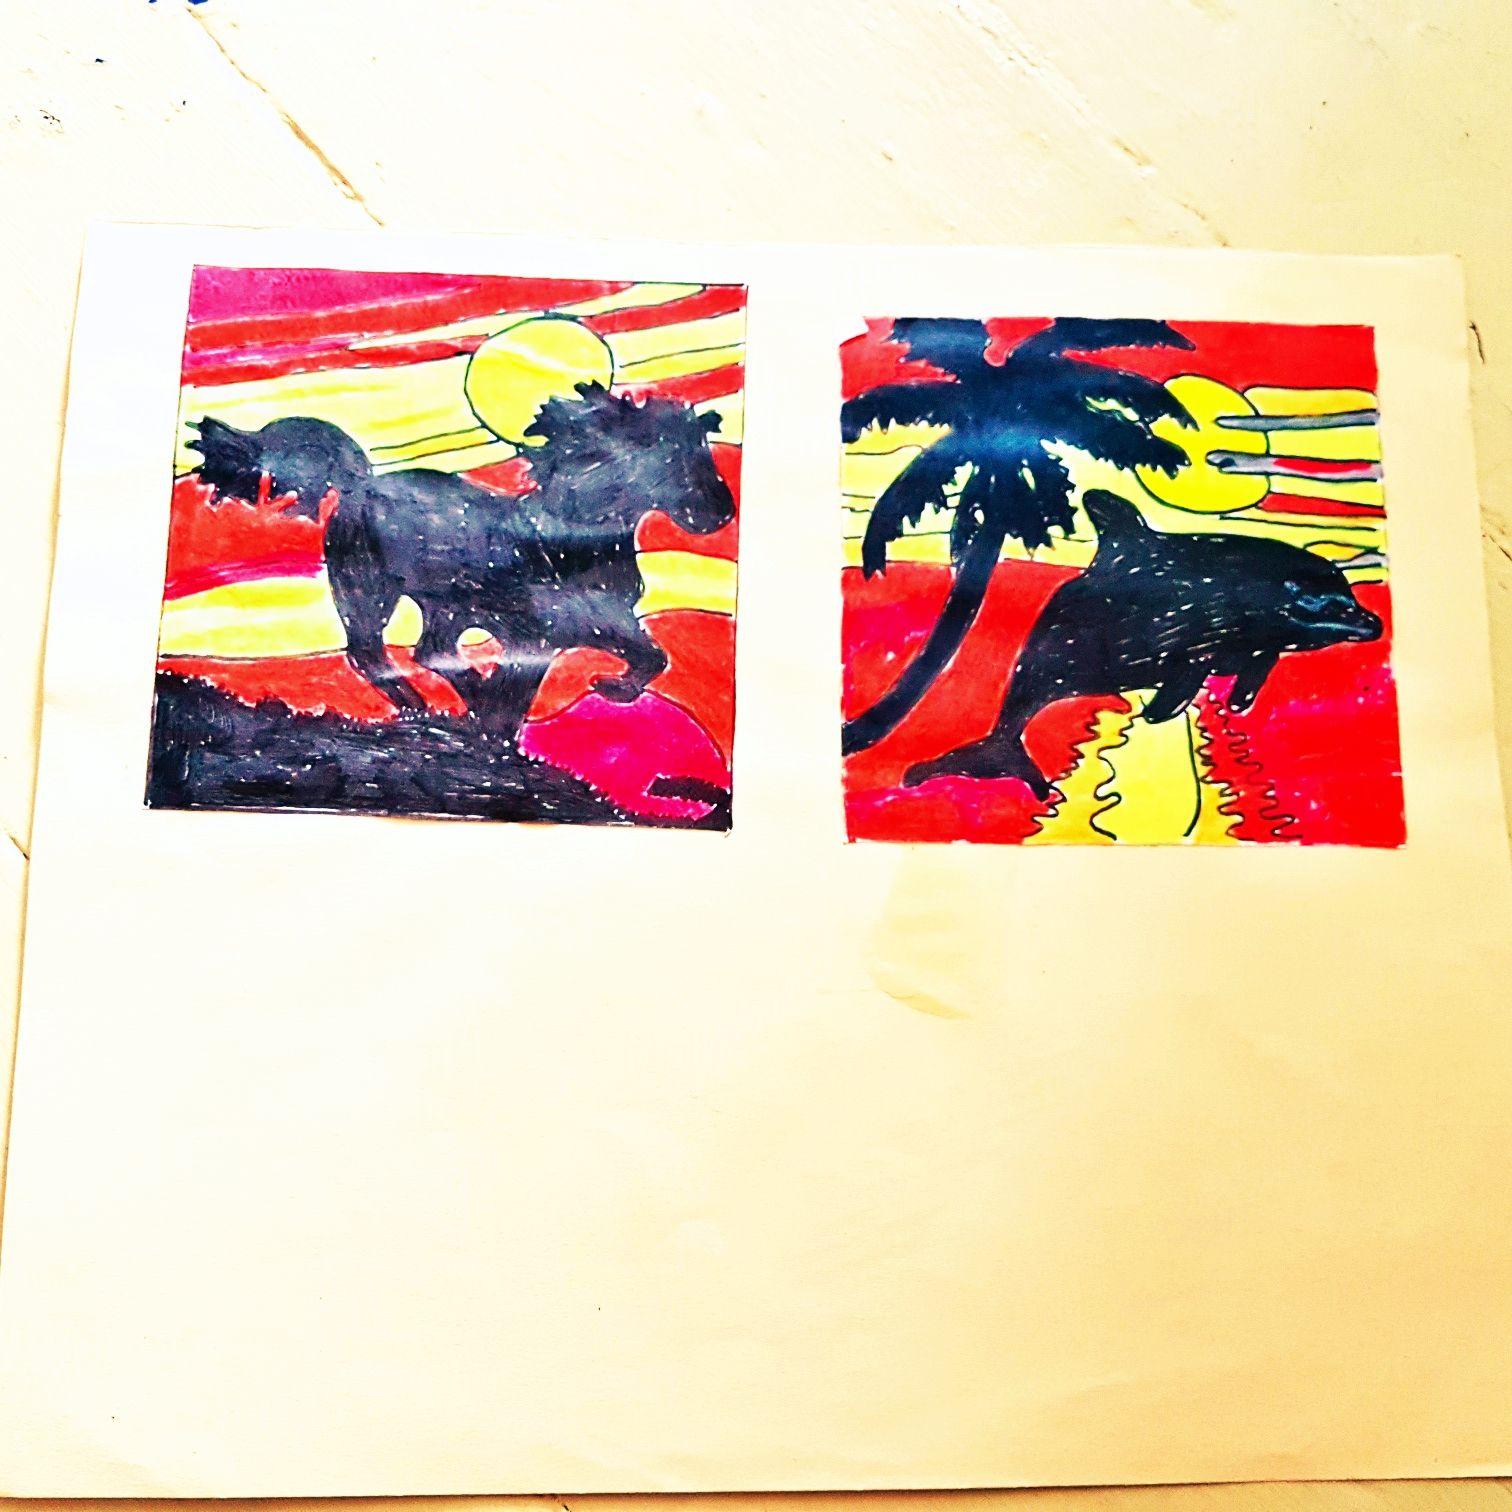 Meine Zeichnung von einen Pferd und Delphin bei Sonnenuntergang